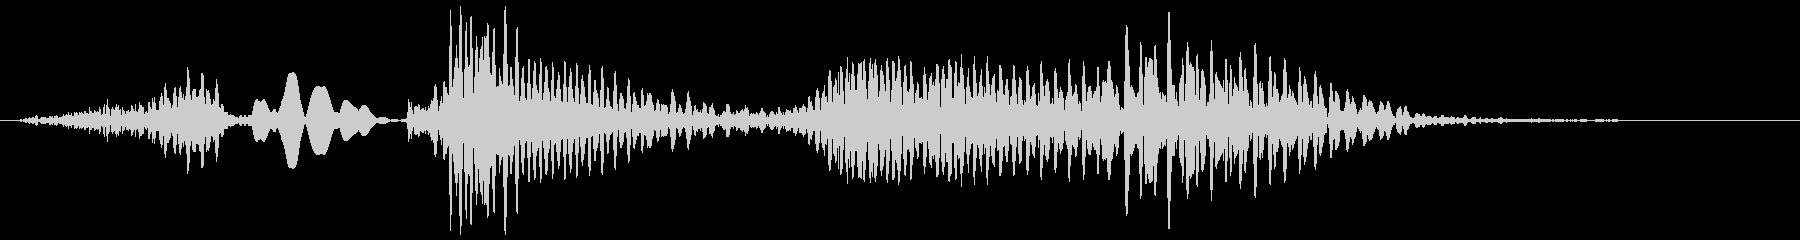 ハッピーハロウィン (モンスターボイス)の未再生の波形